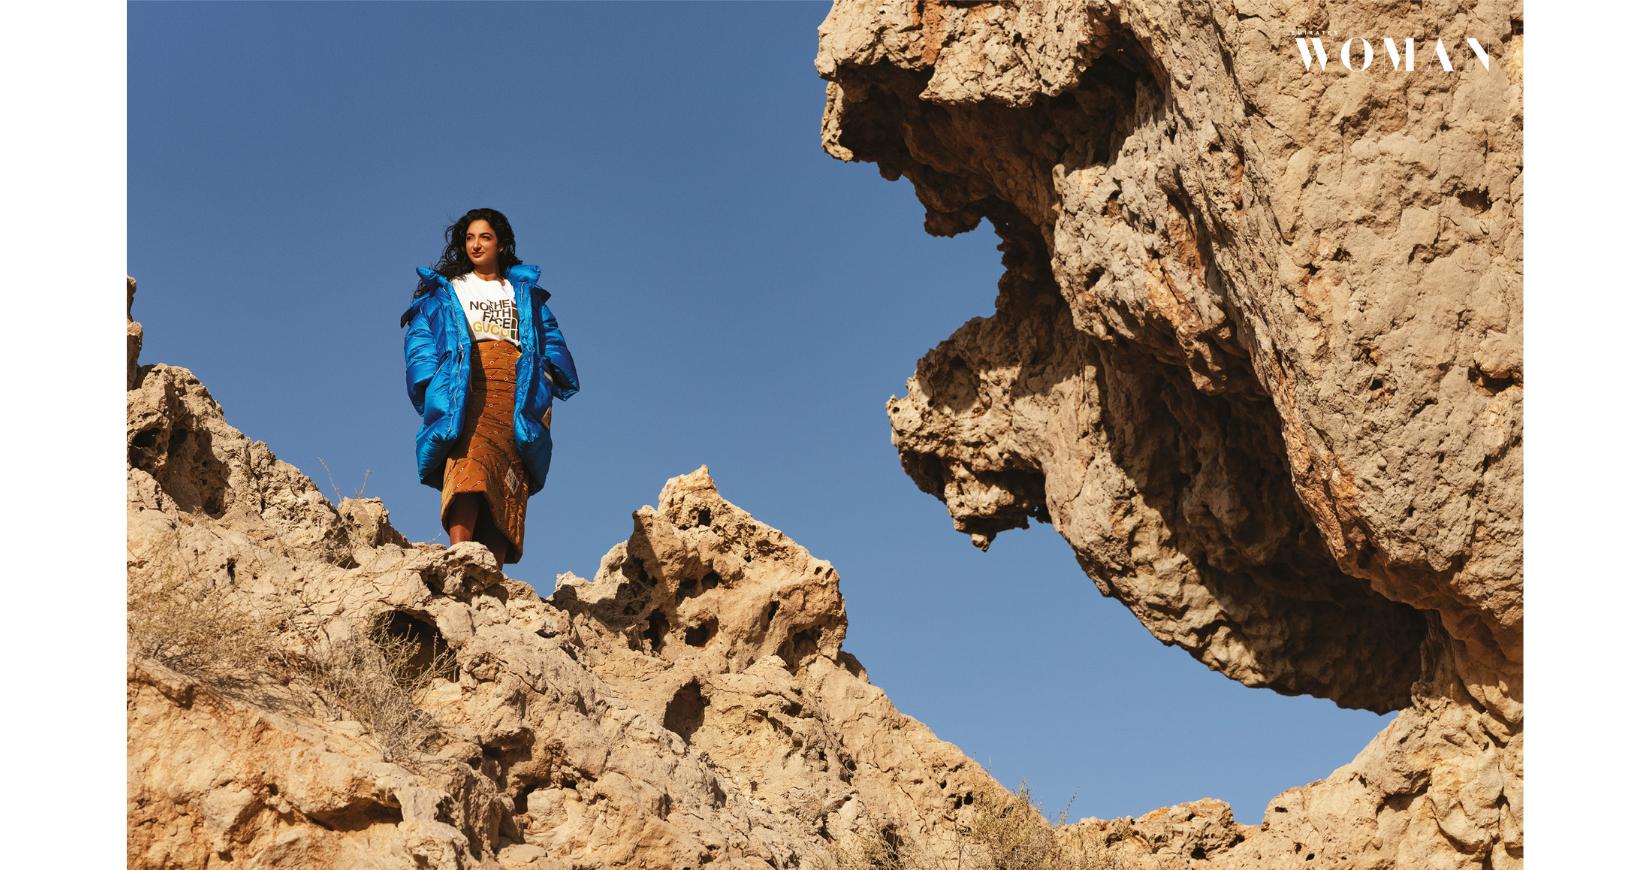 Gucci X The North Face Raha Moharrak (1)